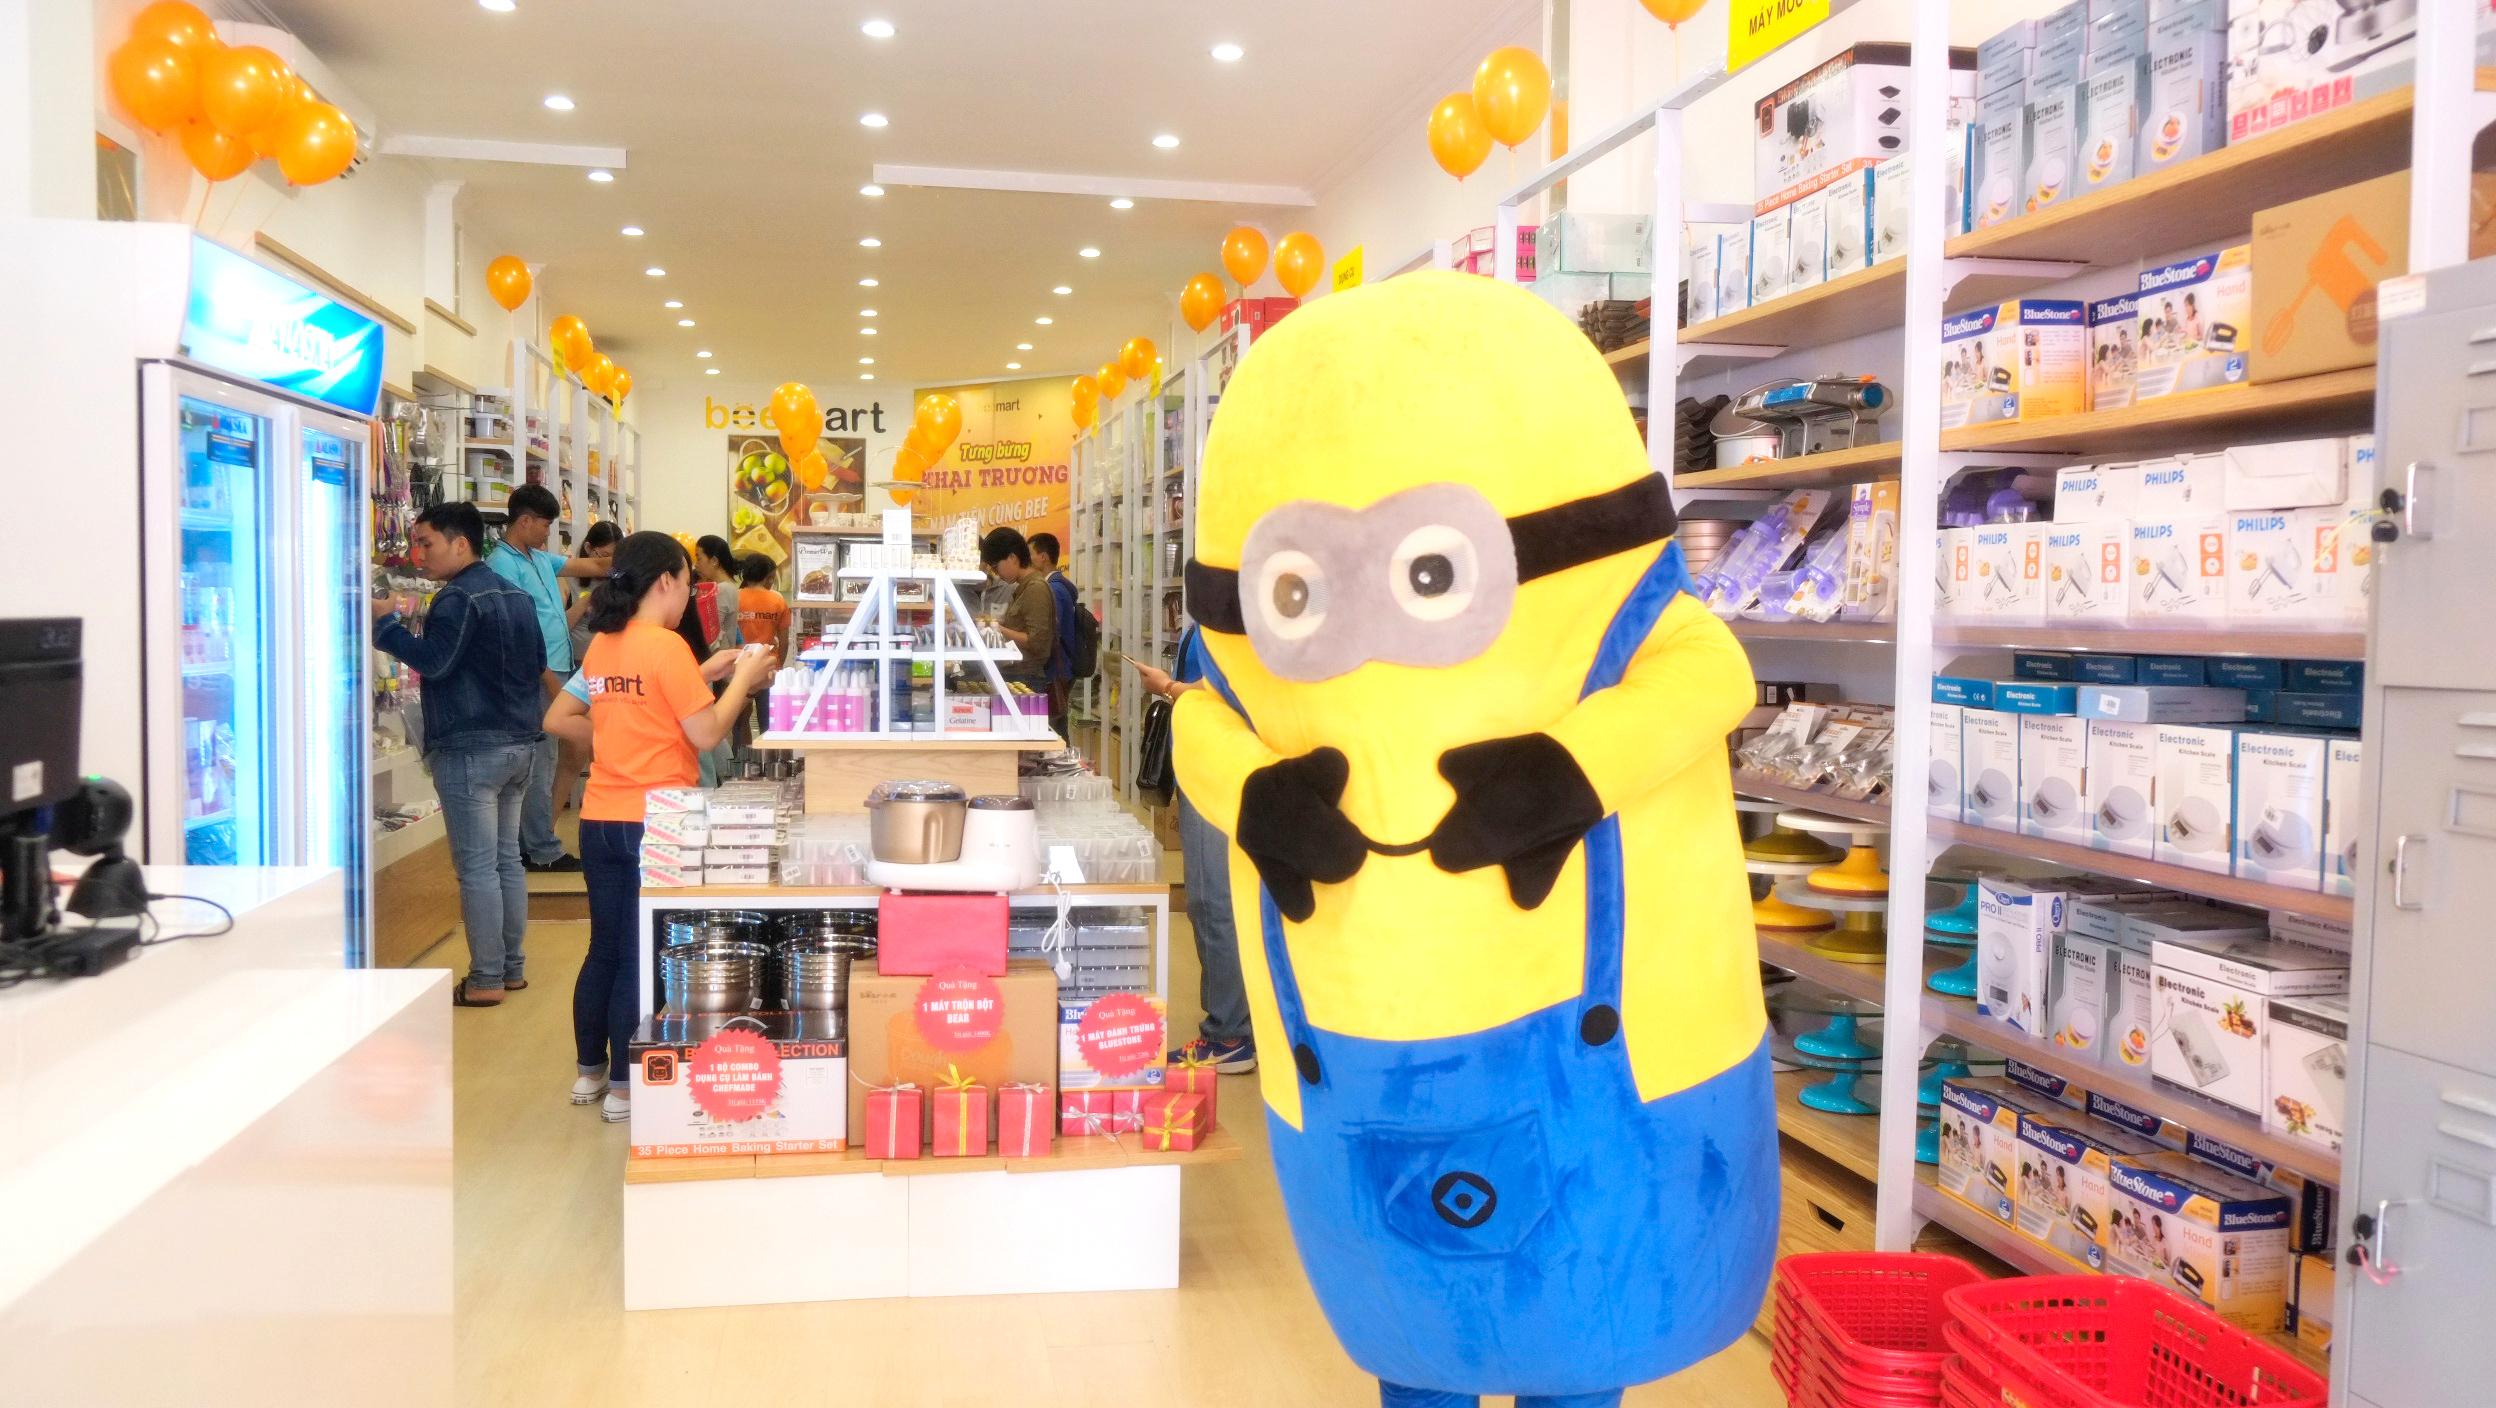 khai trương của hàng đồ làm bánh tại tp.hcm  Beemart ra mắt cửa hàng thứ 4, chính thức Nam tiến sau 2 năm thành lập anh 5